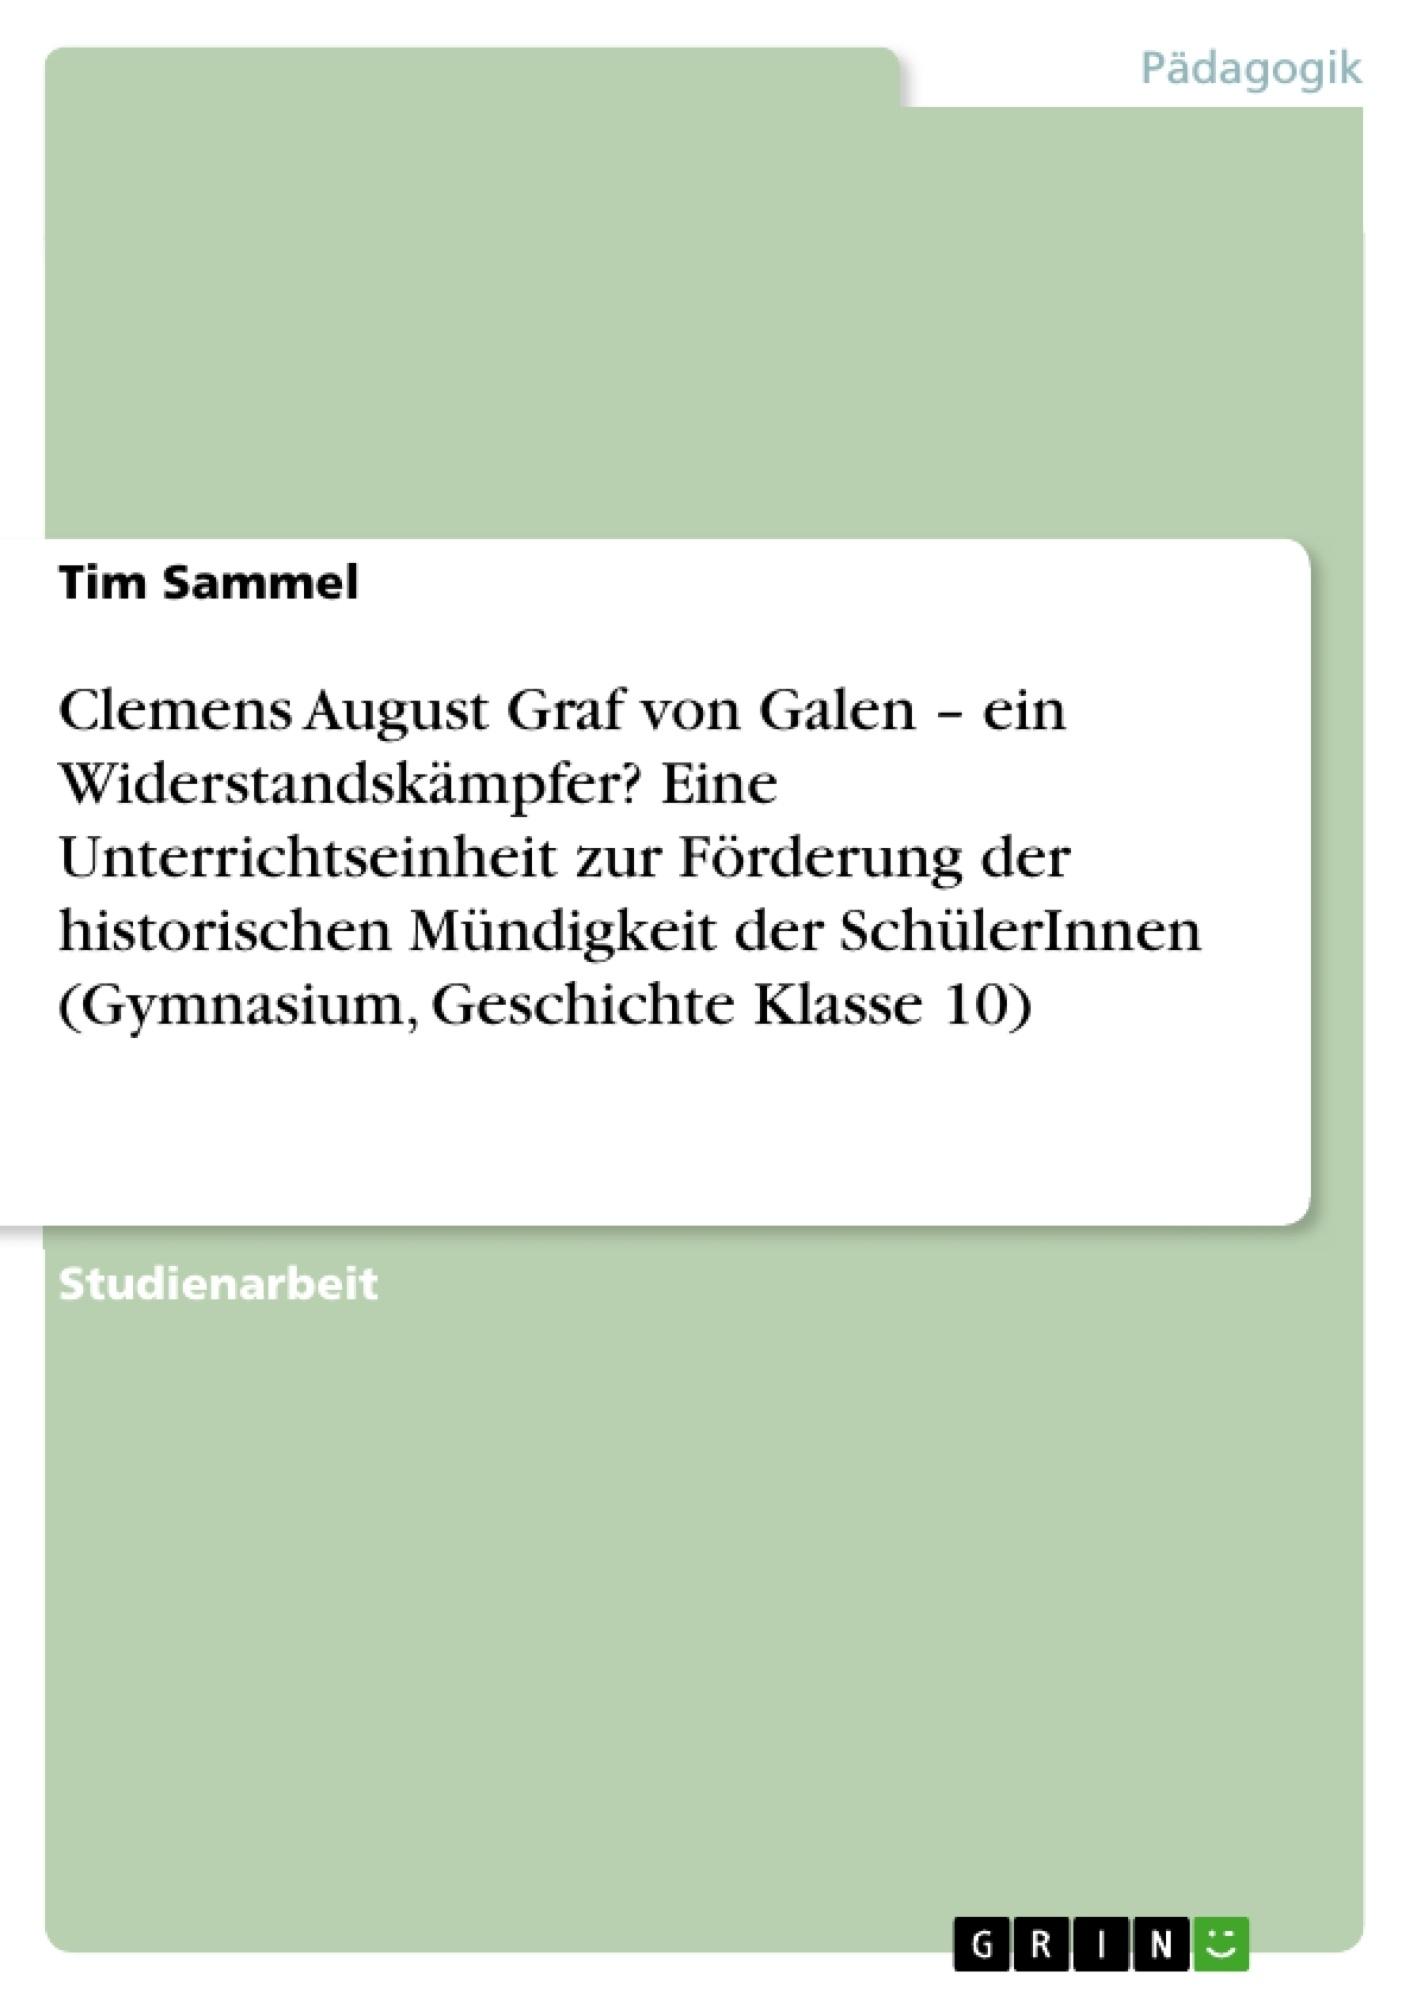 Titel: Clemens August Graf von Galen – ein Widerstandskämpfer? Eine Unterrichtseinheit zur Förderung der  historischen Mündigkeit der SchülerInnen (Gymnasium, Geschichte Klasse 10)